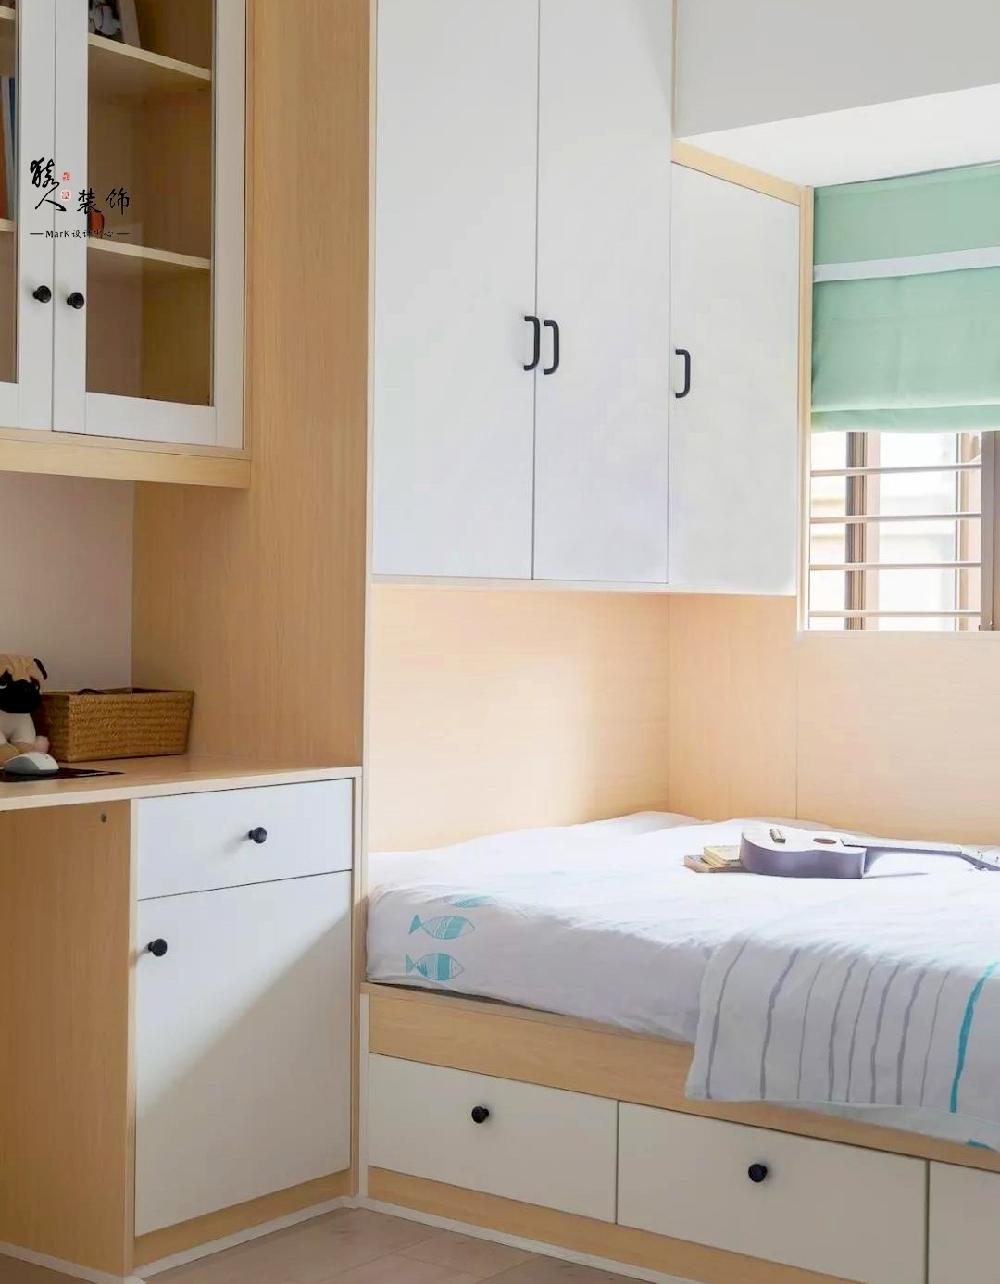 90平简约北欧三室 转角厨房超大空间14867420